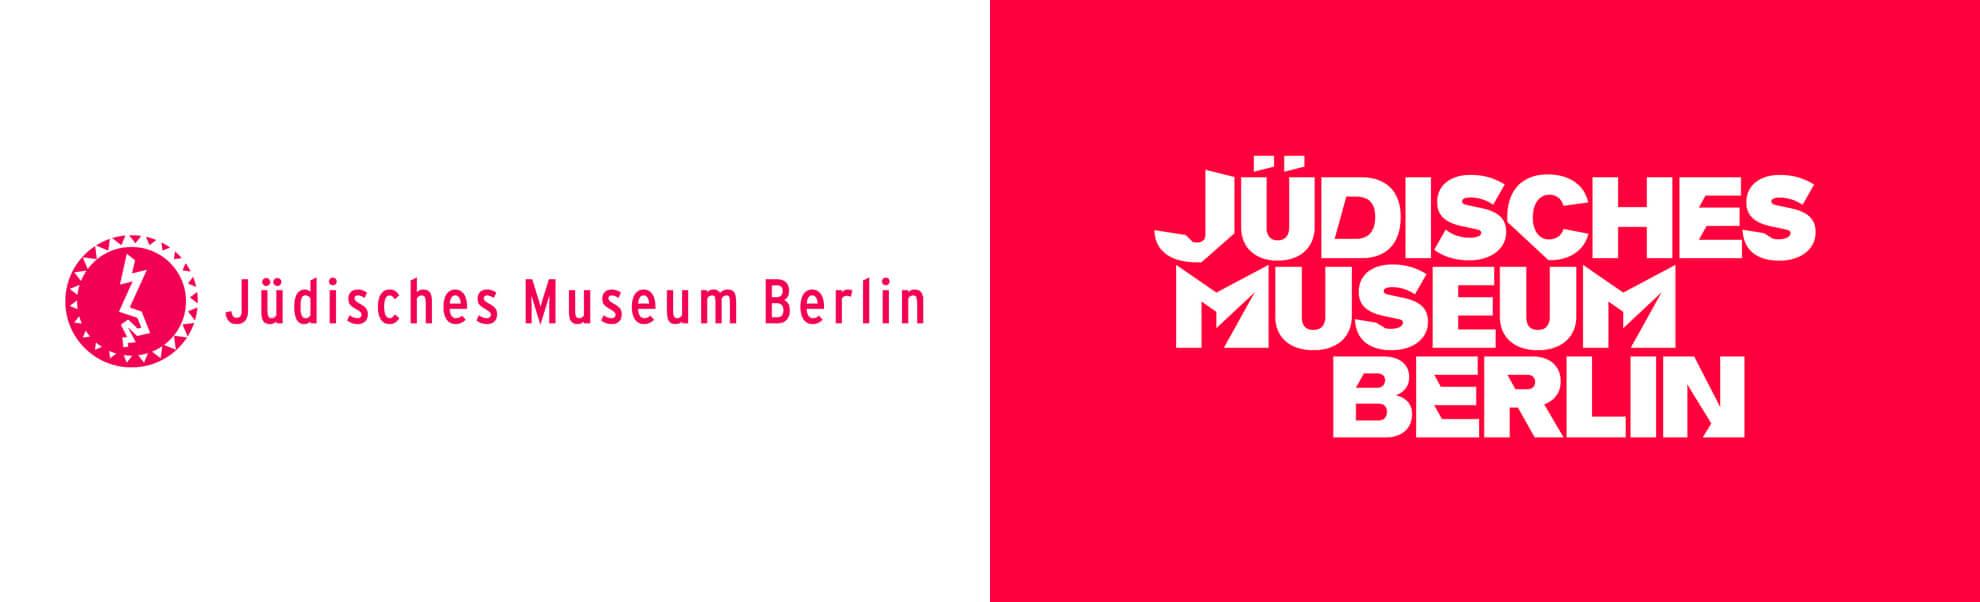 nowe istare logo muzeum